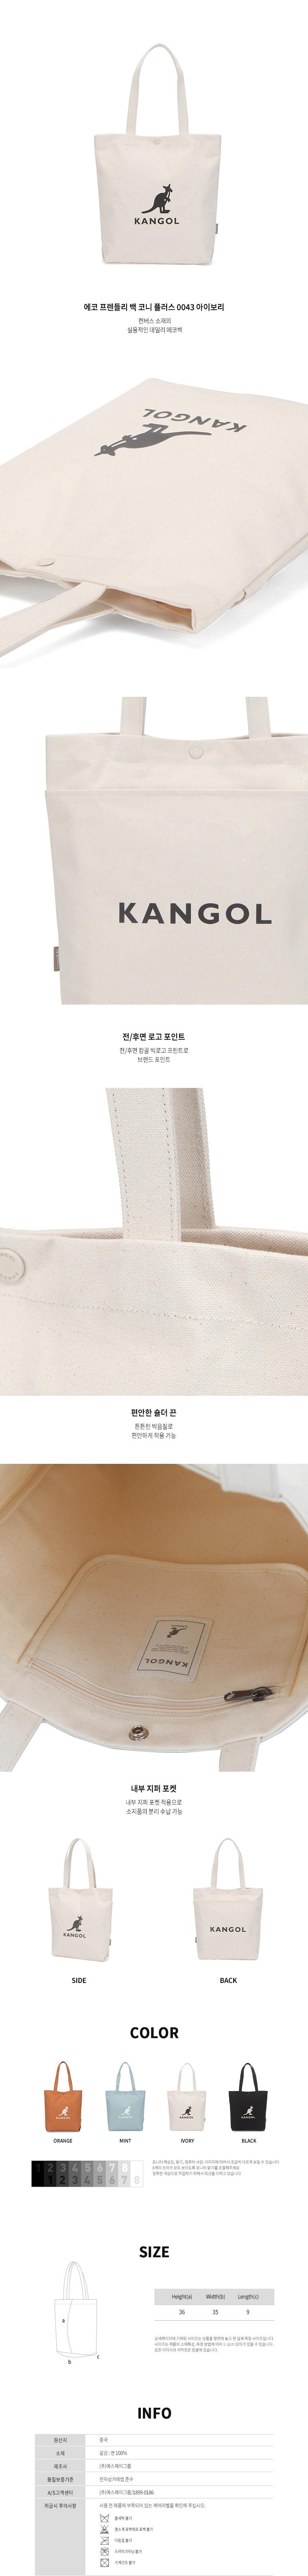 캉골(KANGOL) 에코 프렌들리 백 코니 플러스 0043 아이보리